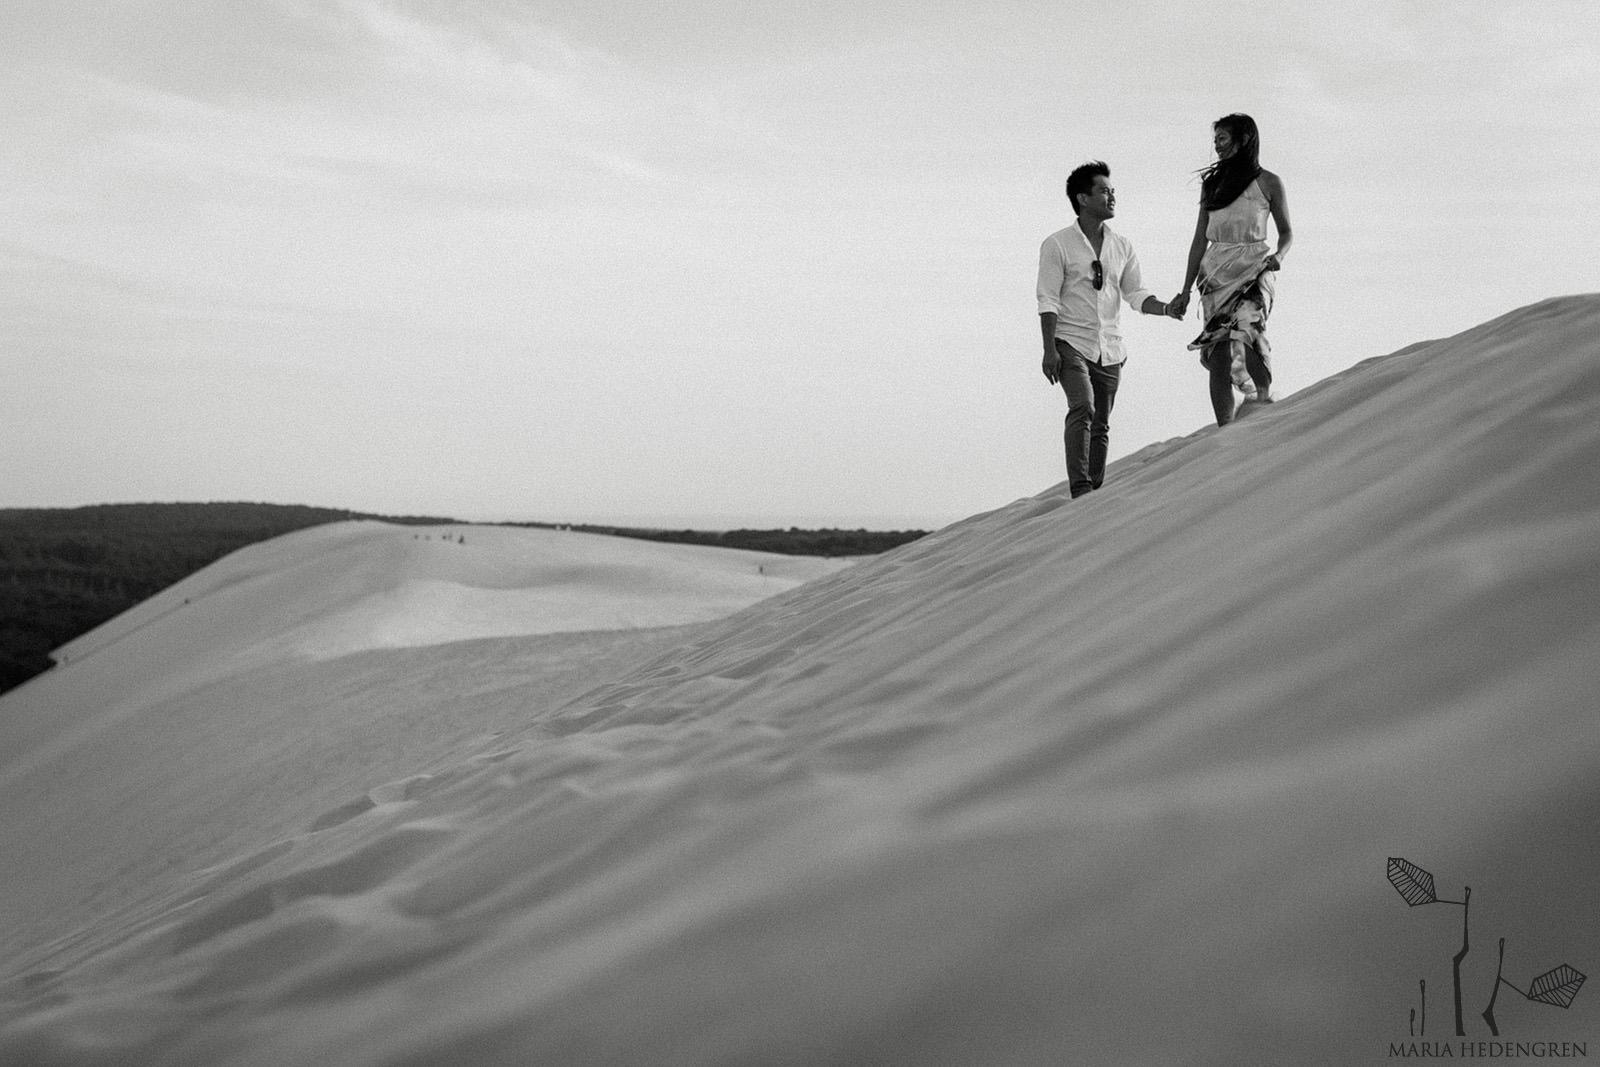 desert dune photoshoot